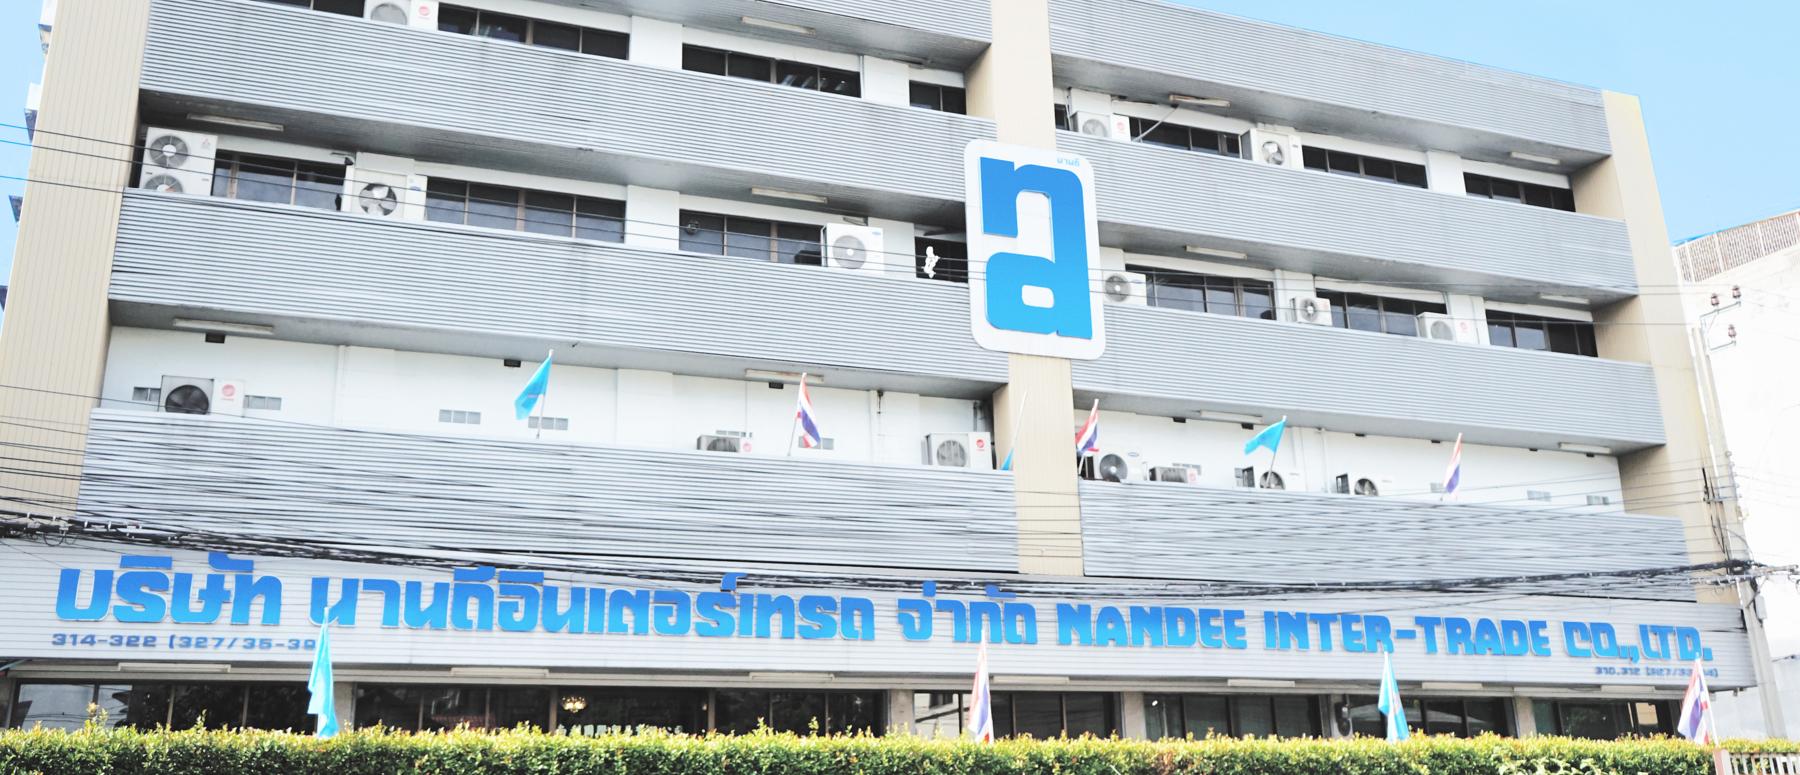 NANDEE INTER-TRADE CO., LTD. - ワイズデジタル【タイで働く人のための情報サイト】